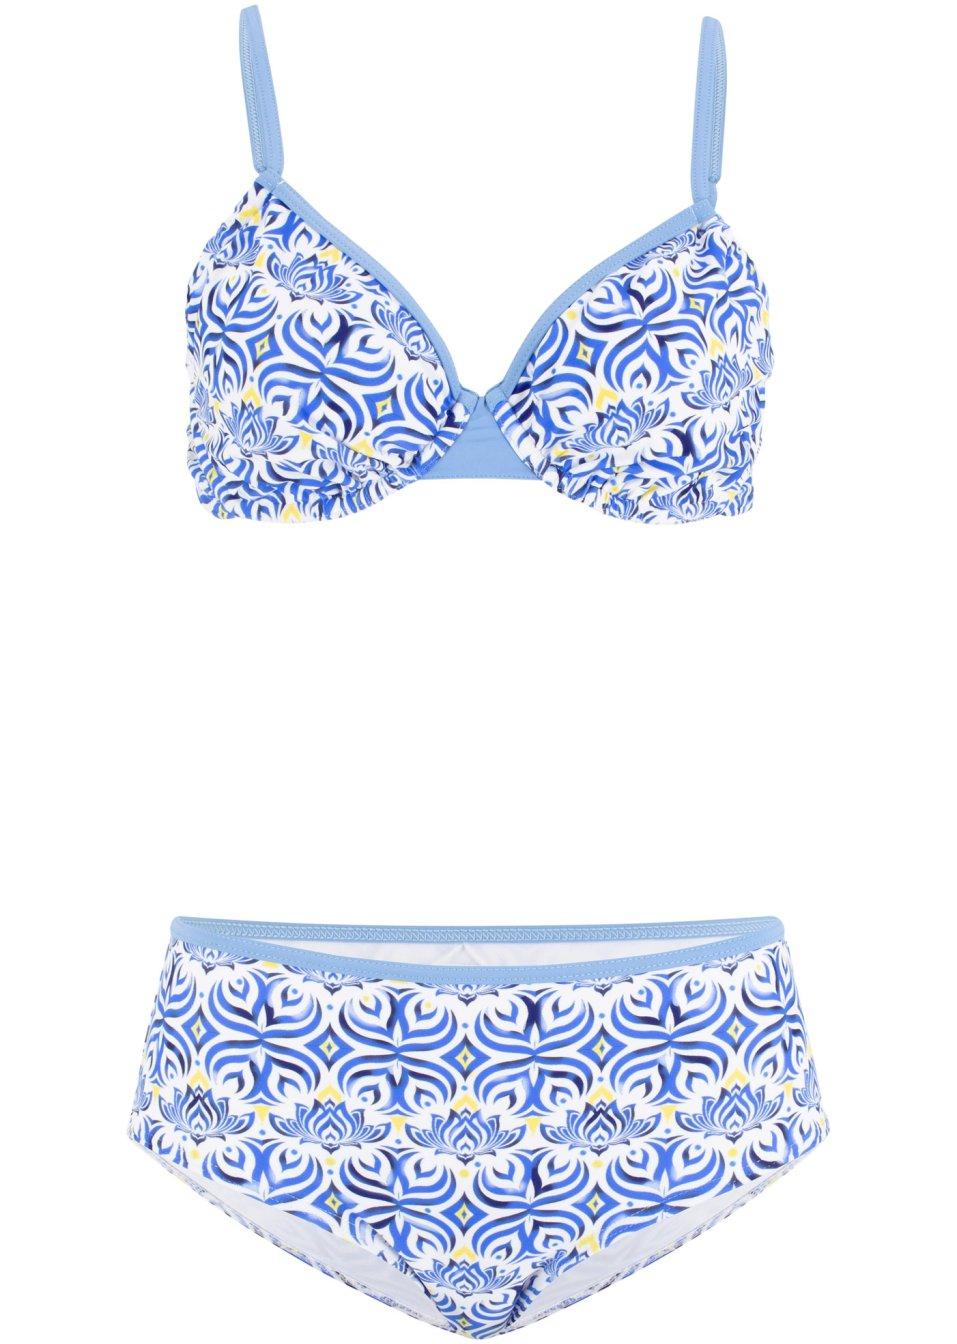 Bügel Bikini mit sommerlichen Druck - blau/weiß/gelb Cup C 0Um6K Dpnc4